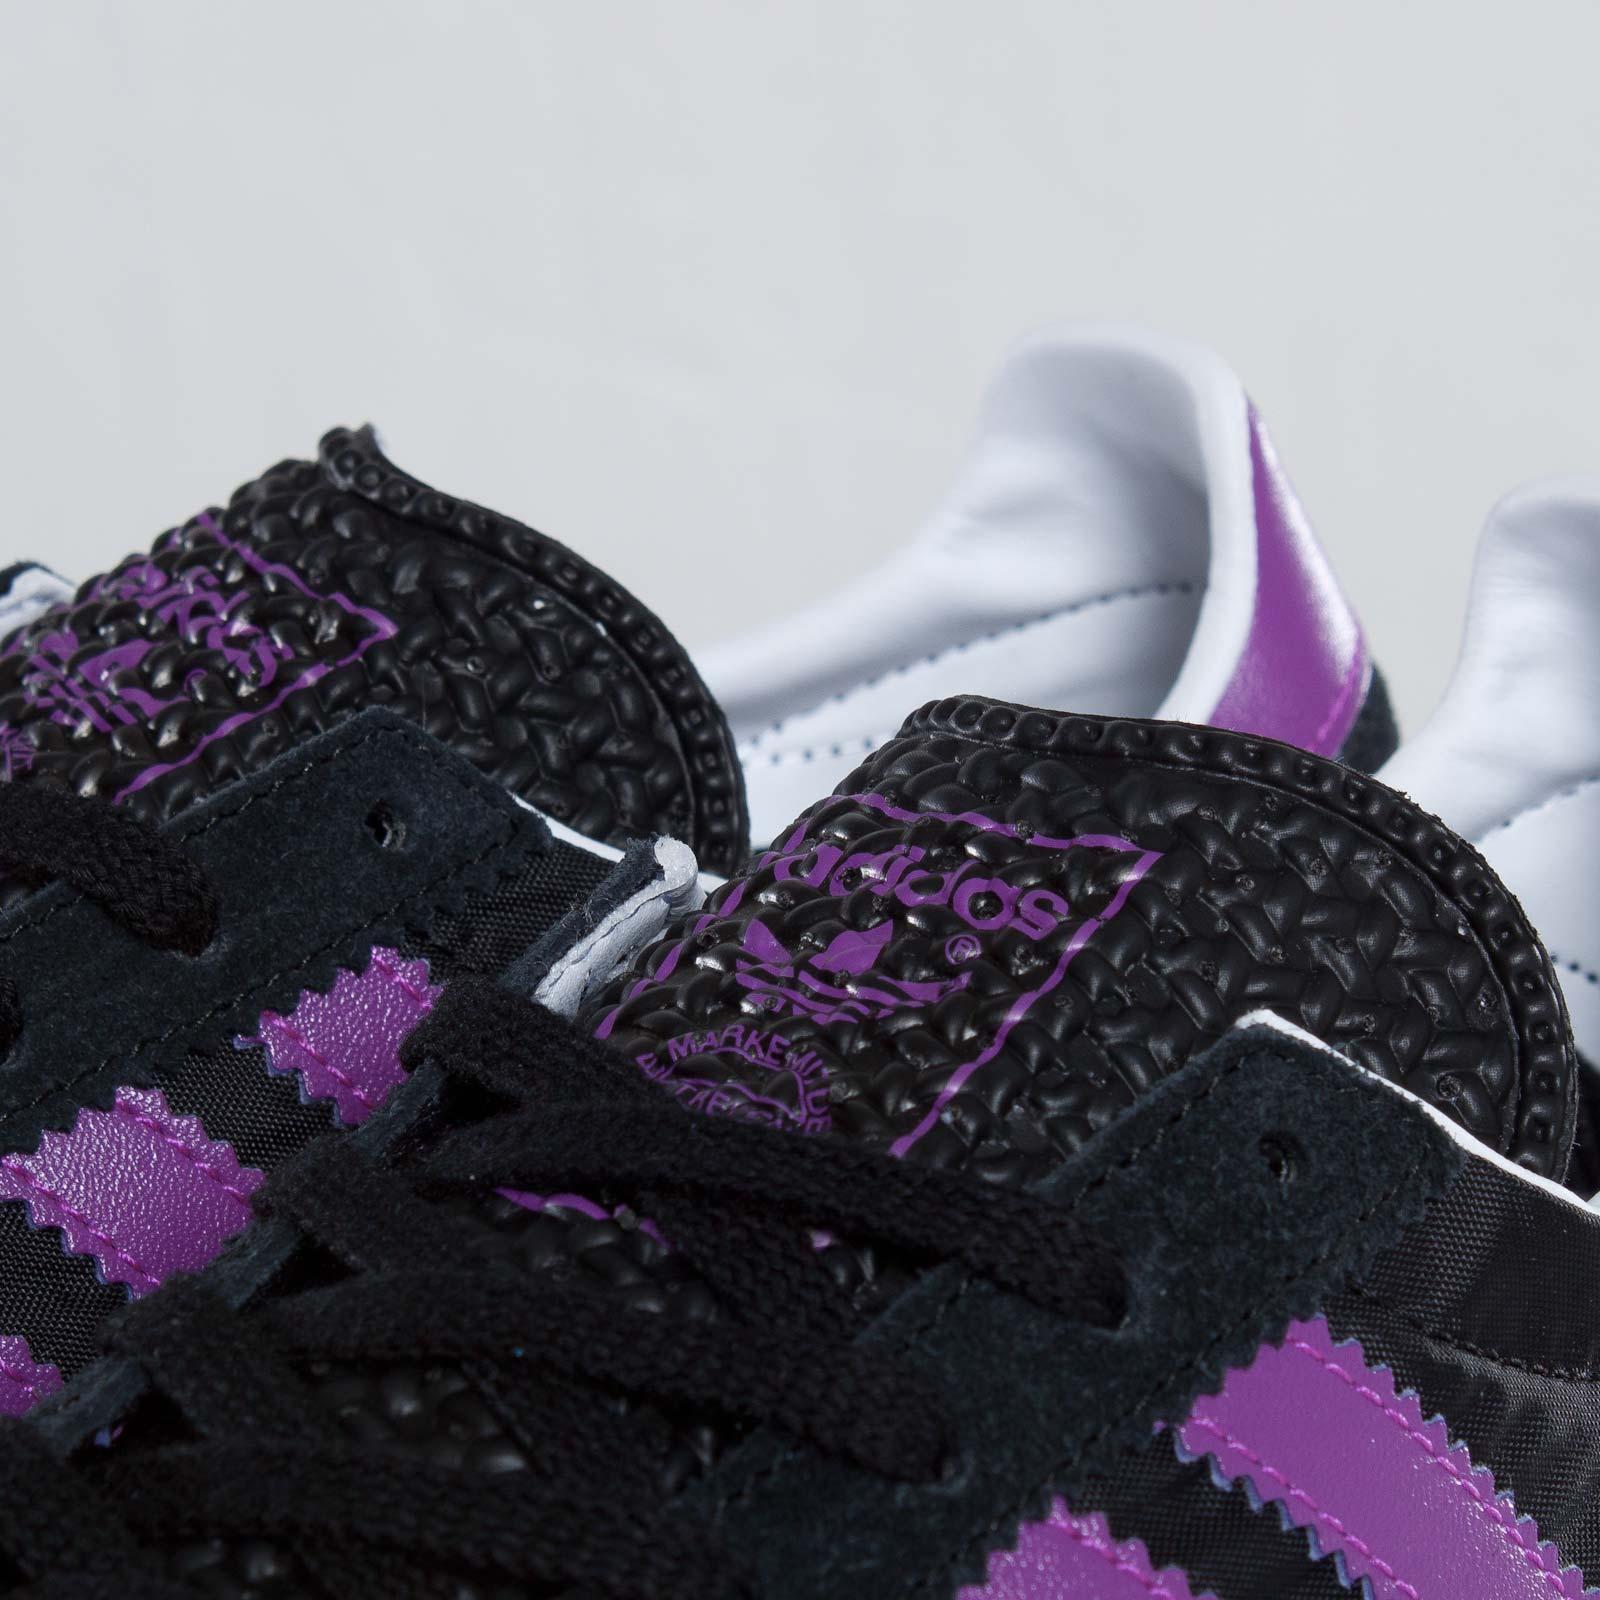 Mal uso Abandono realeza  adidas SL 72 W - 109780 - Sneakersnstuff   sneakers & streetwear online  since 1999